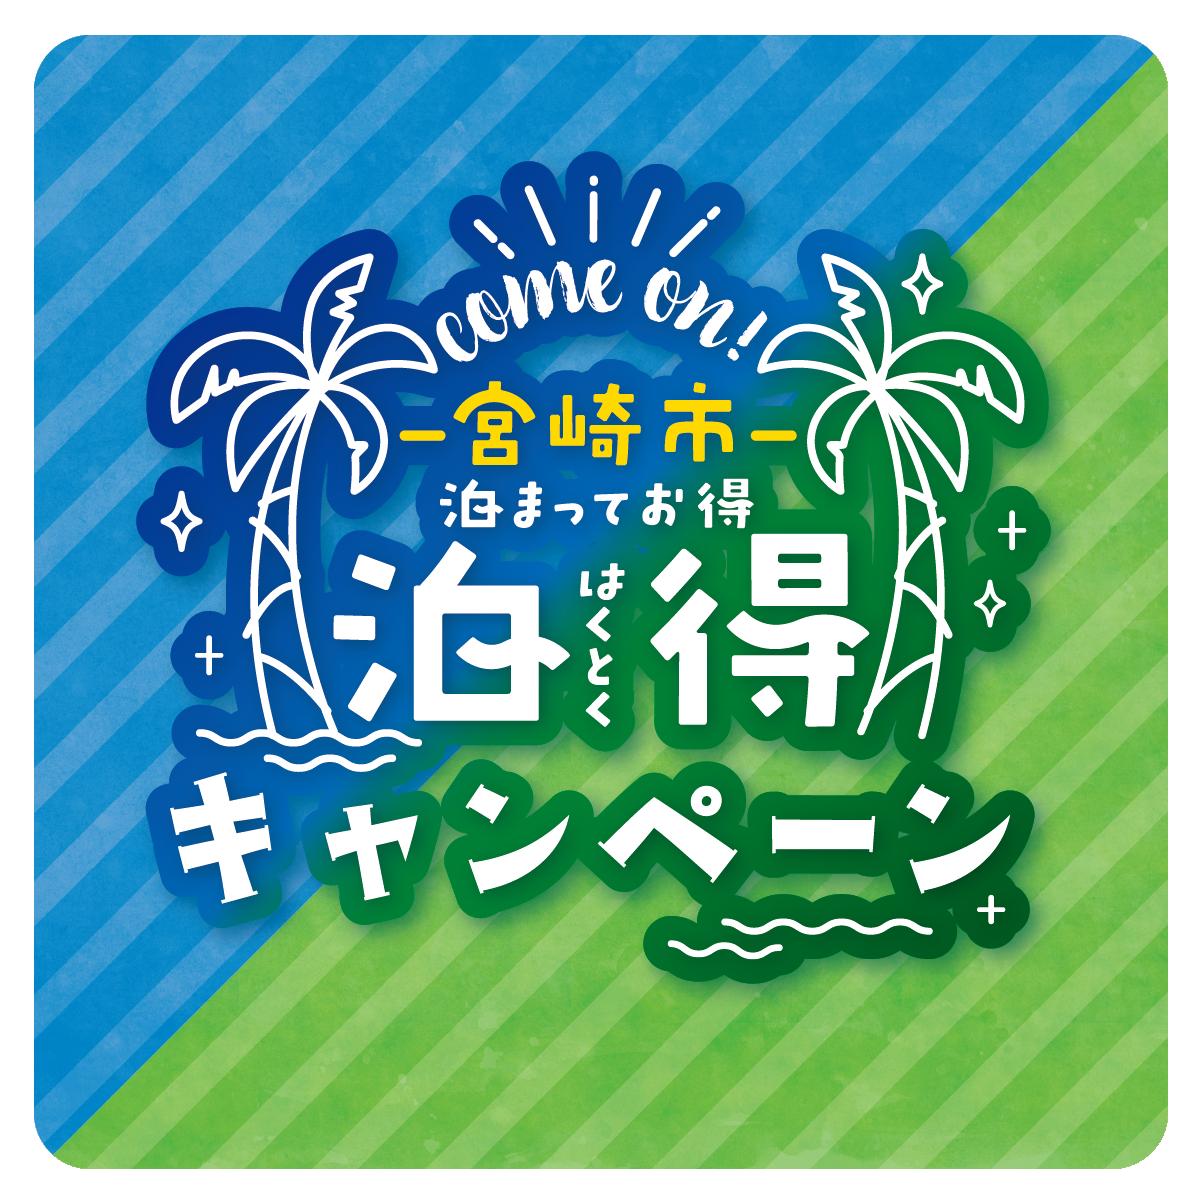 みなとやクリーニング 宮崎駅東店 マックスバリュ横-1